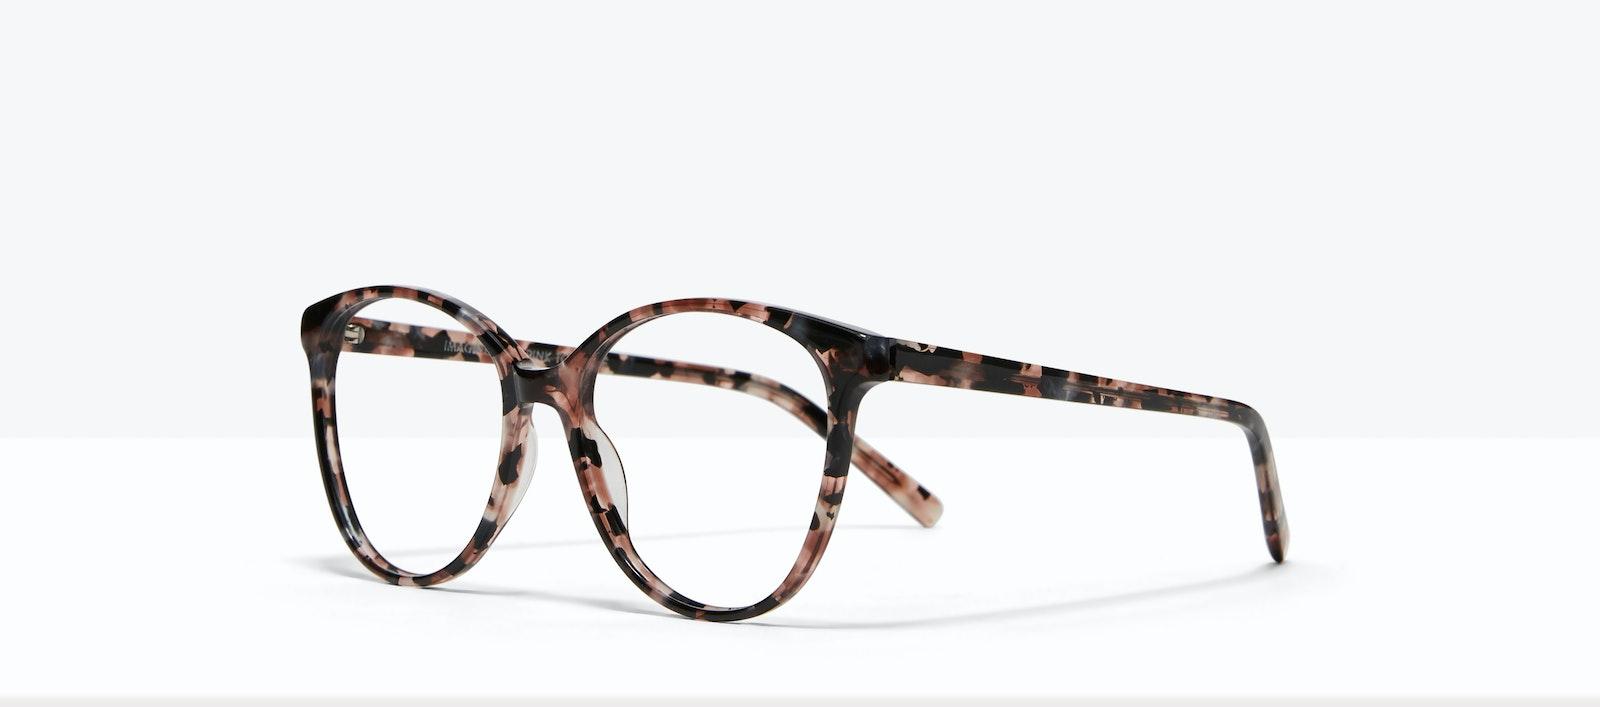 Affordable Fashion Glasses Cat Eye Eyeglasses Women Imagine Plus Pink Tortoise Tilt